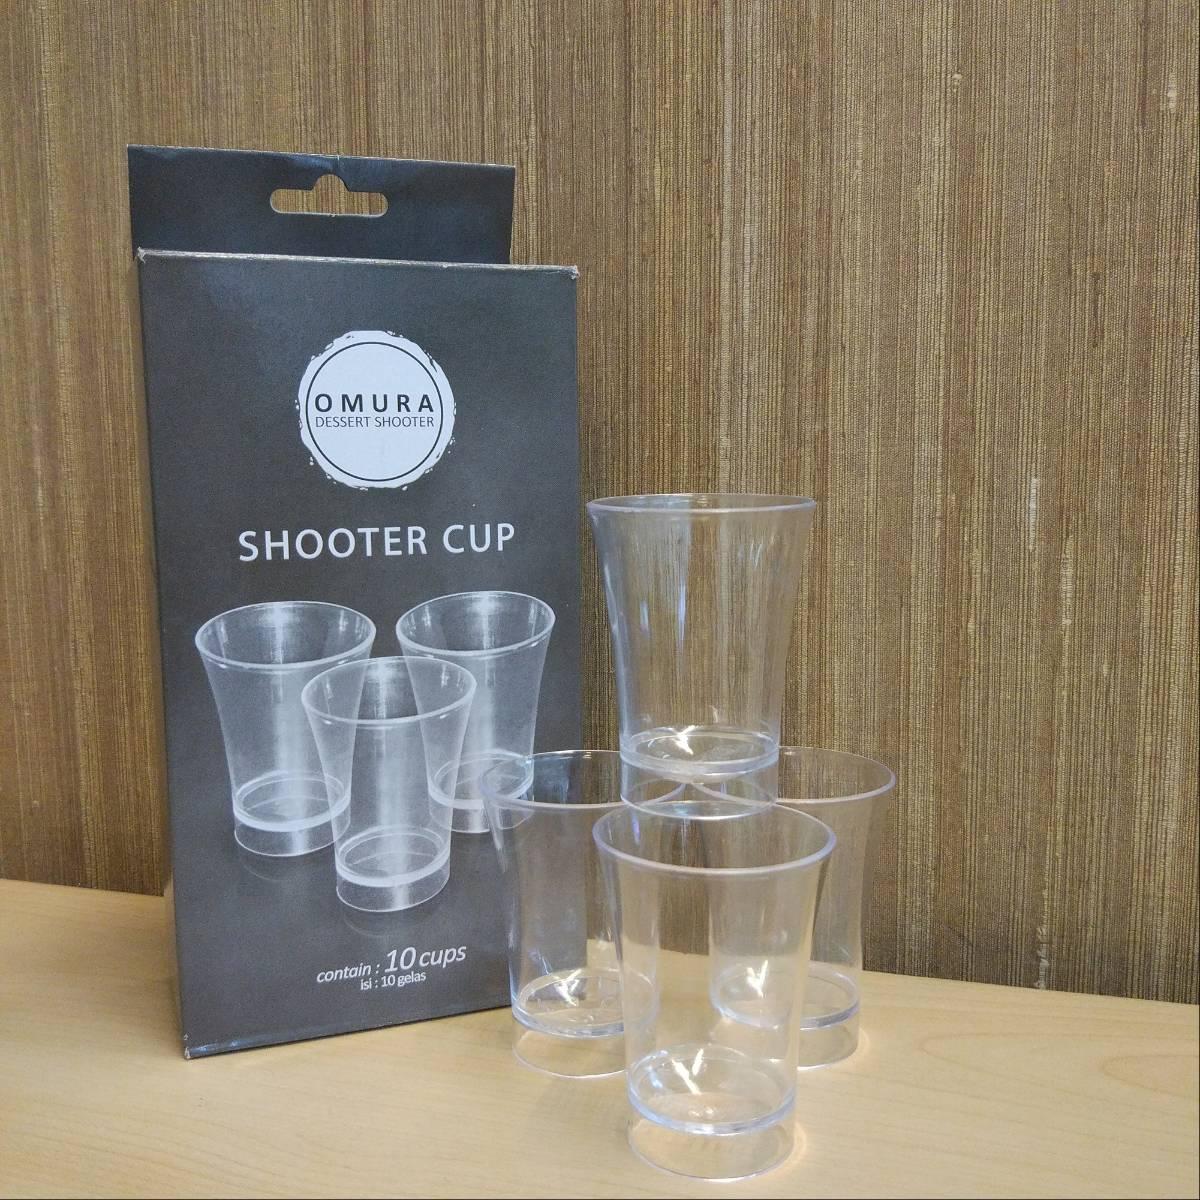 Omura Dessert Shooter - Shooter Cup0